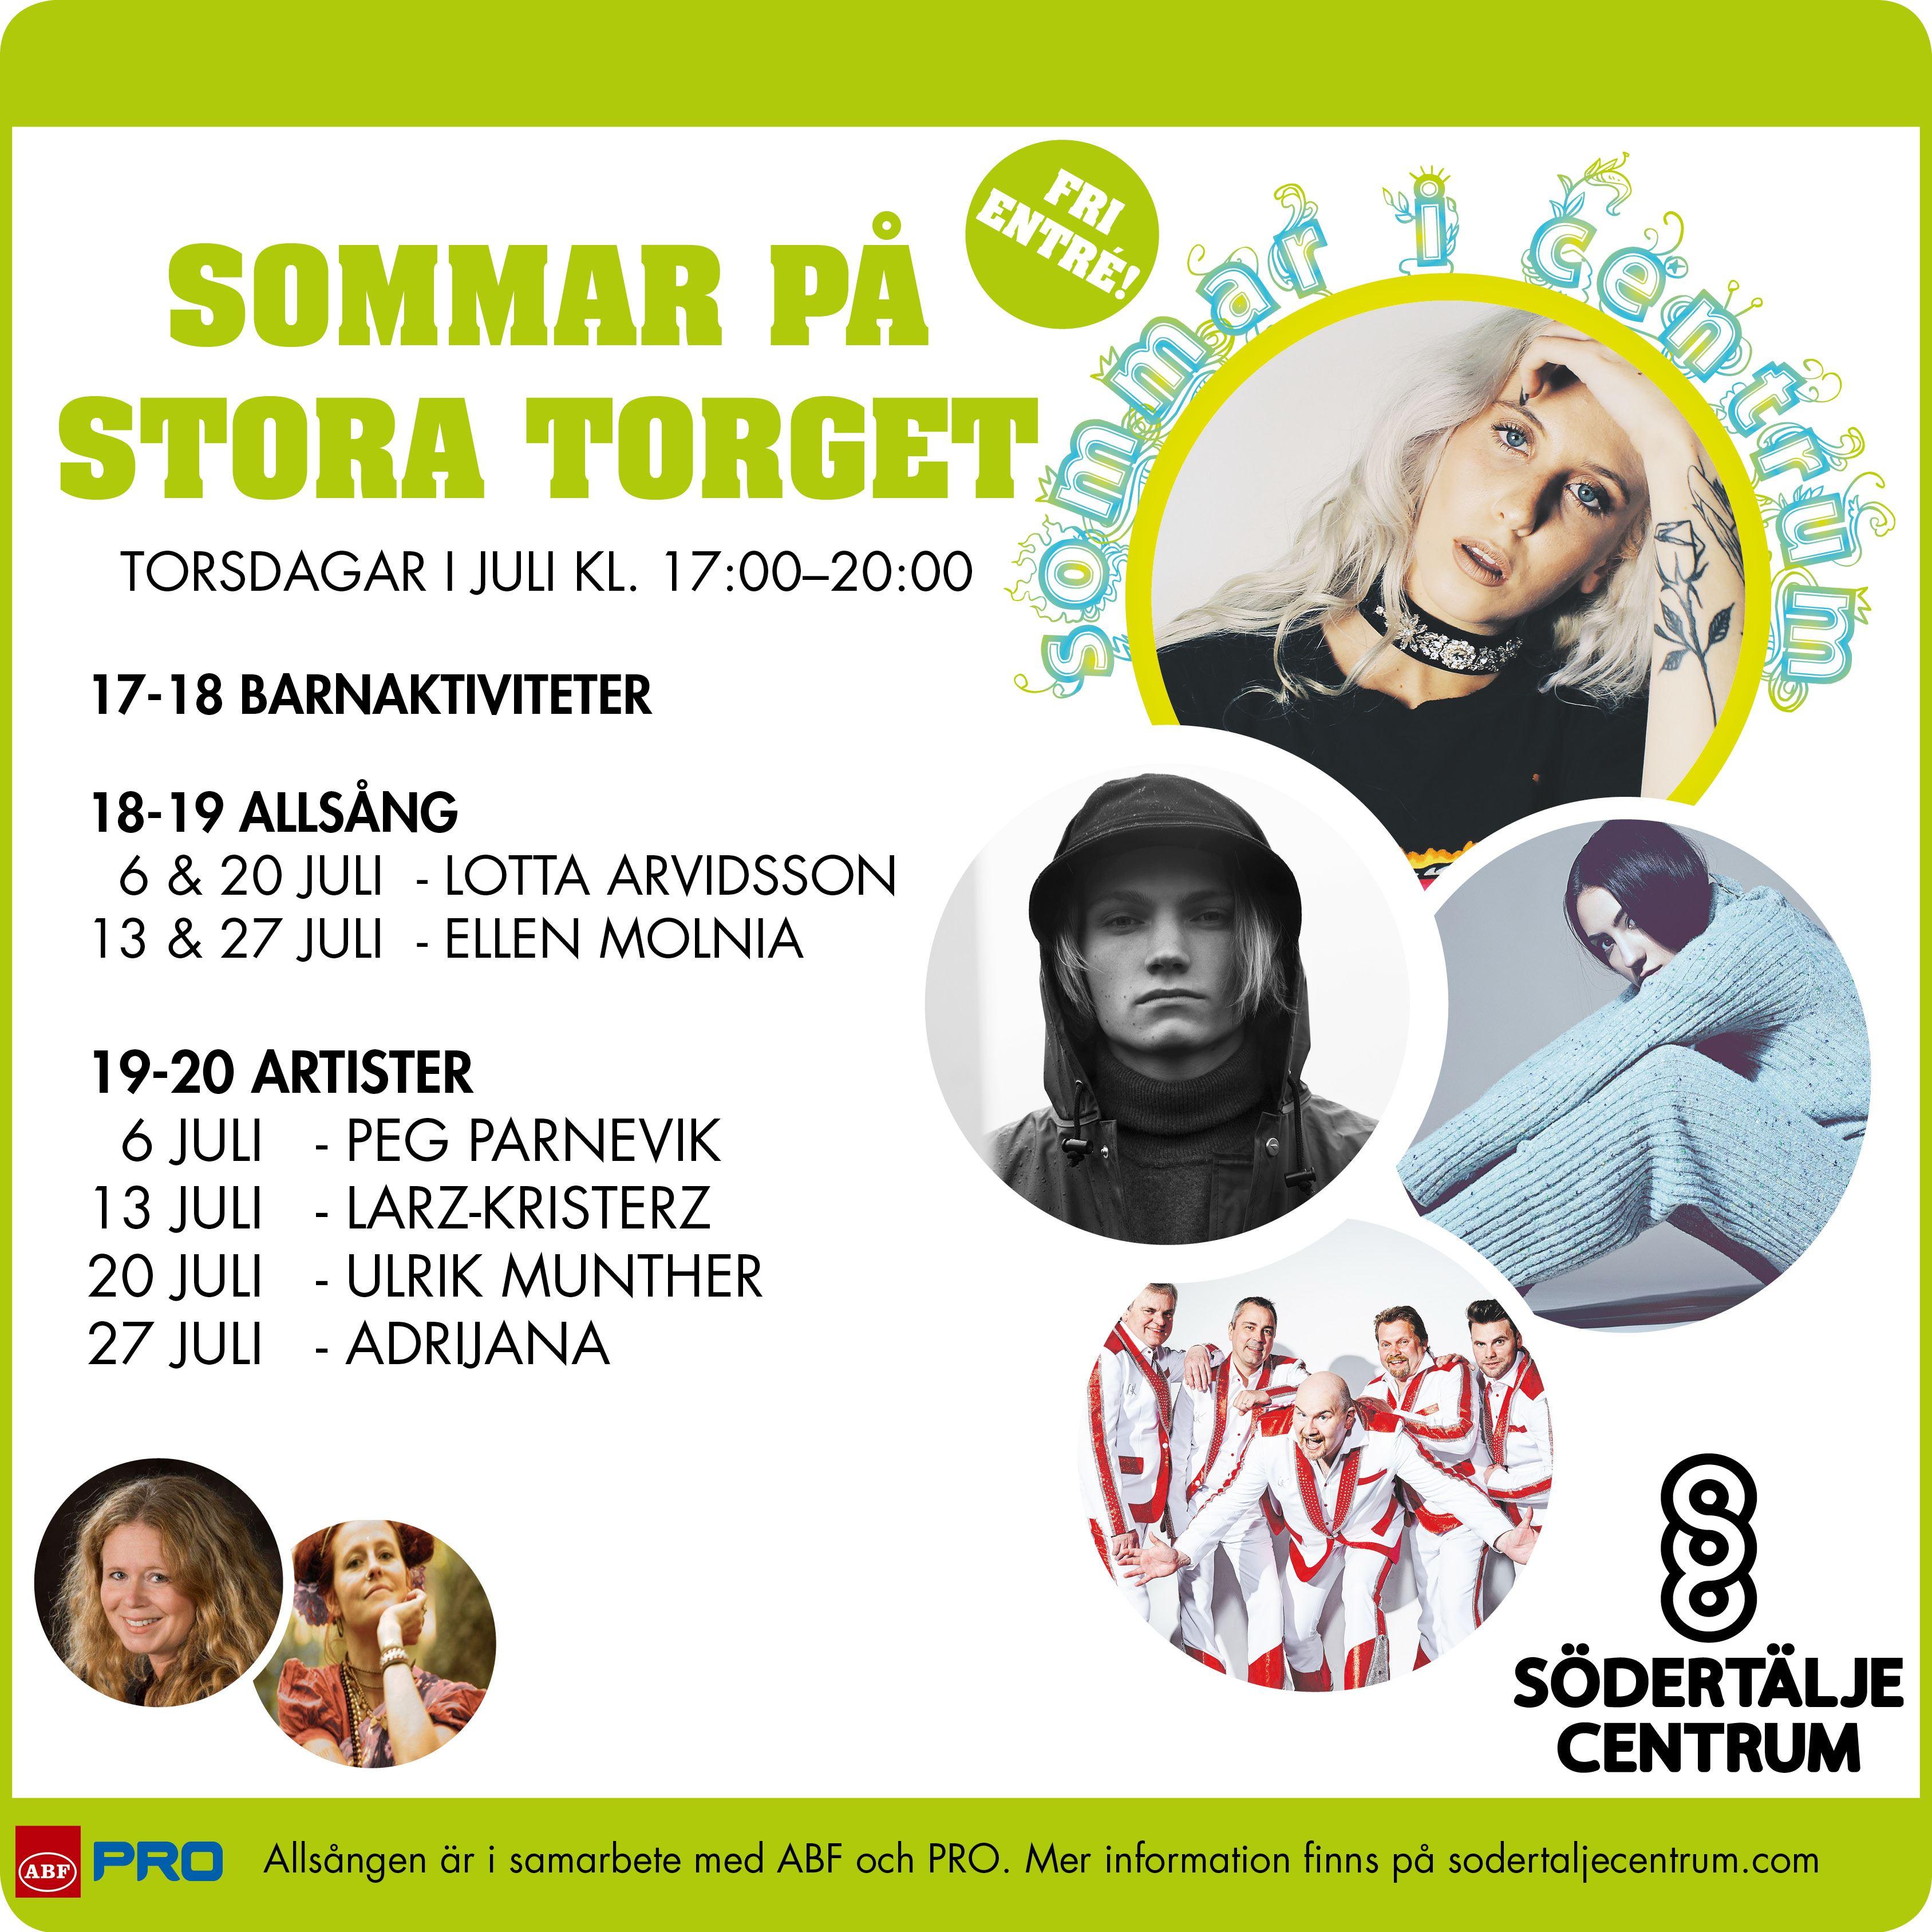 Adrijana (från melodifestivalen) - Sommar på Stora Torget